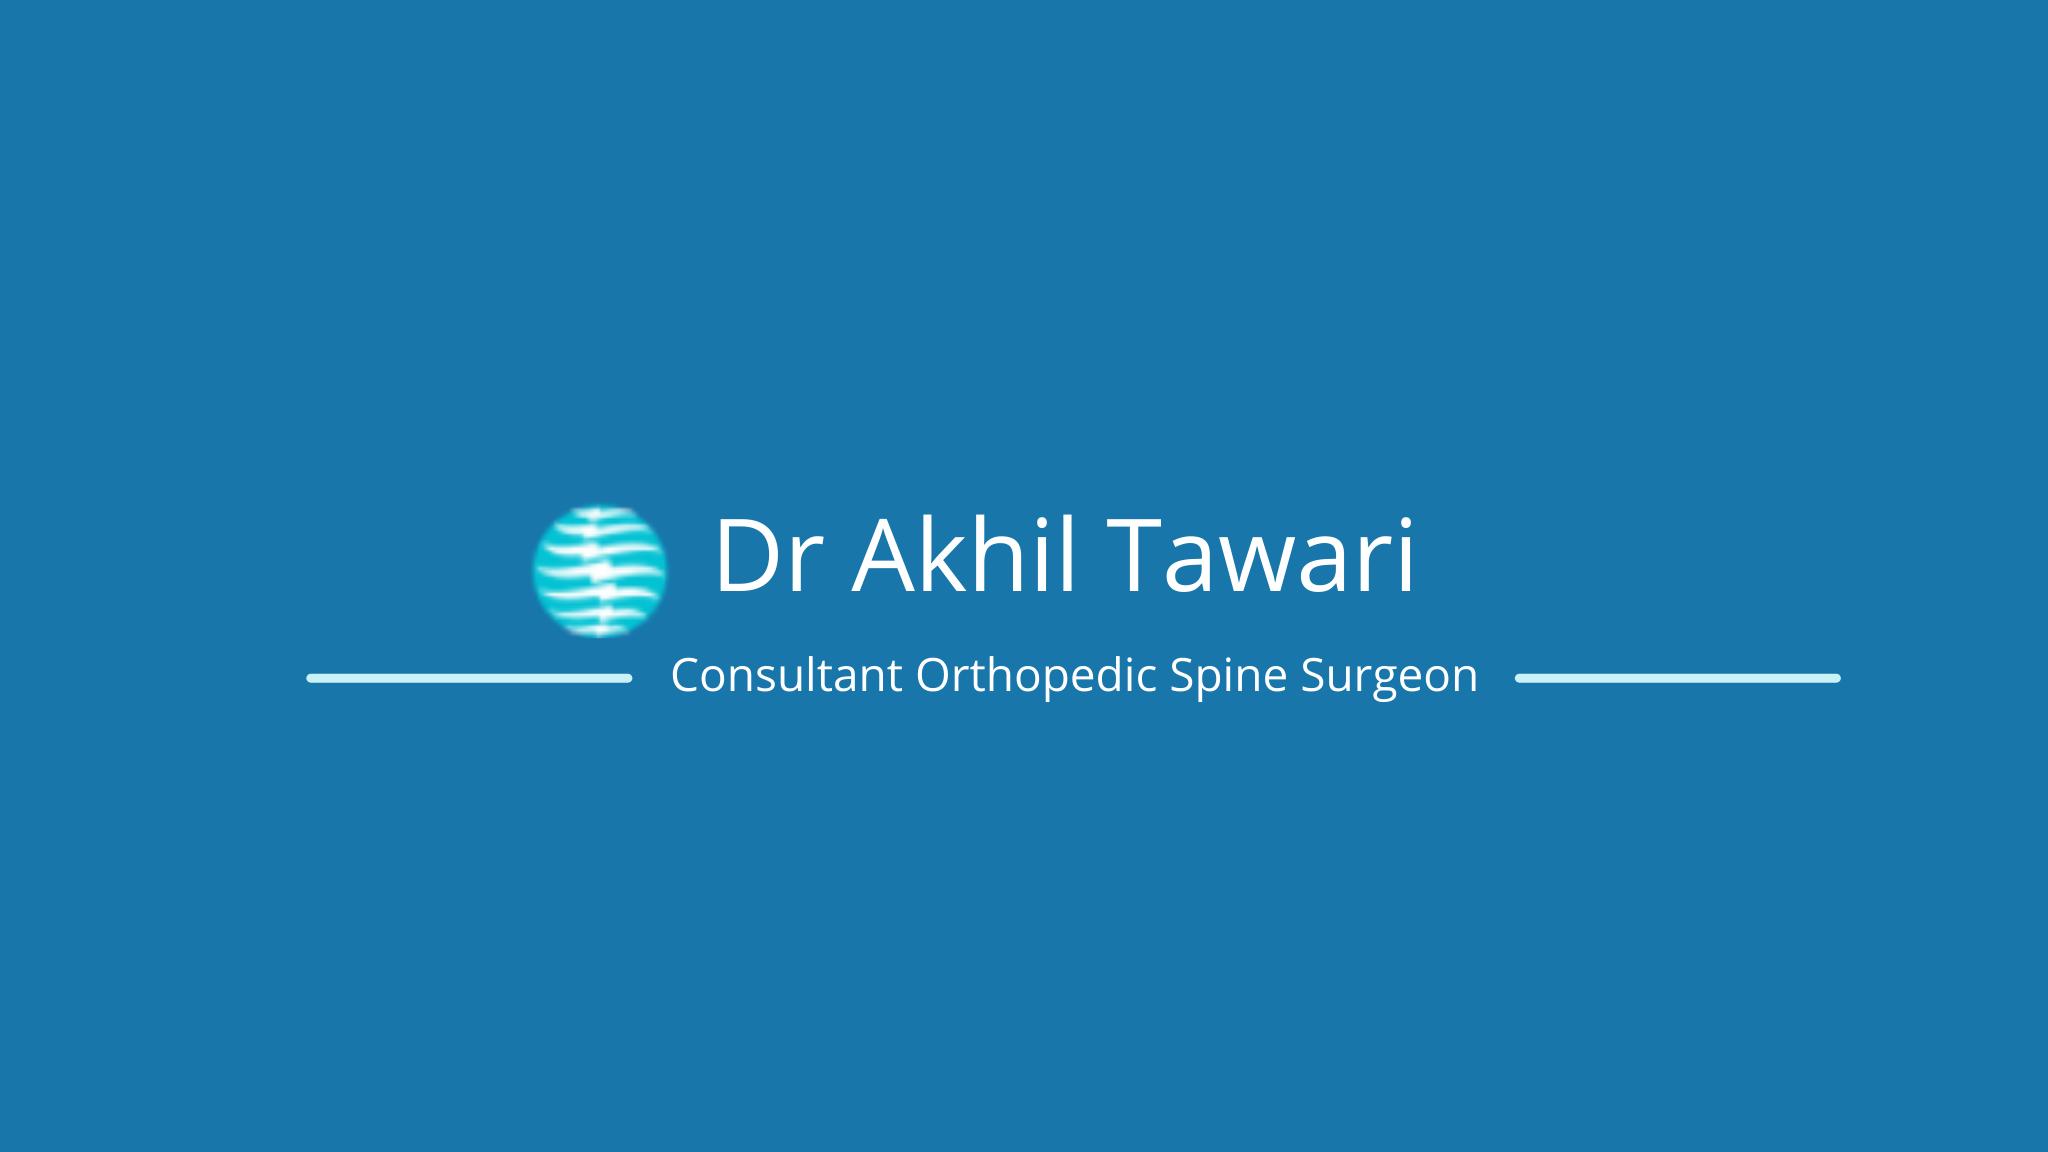 Dr. Akhil Tawari